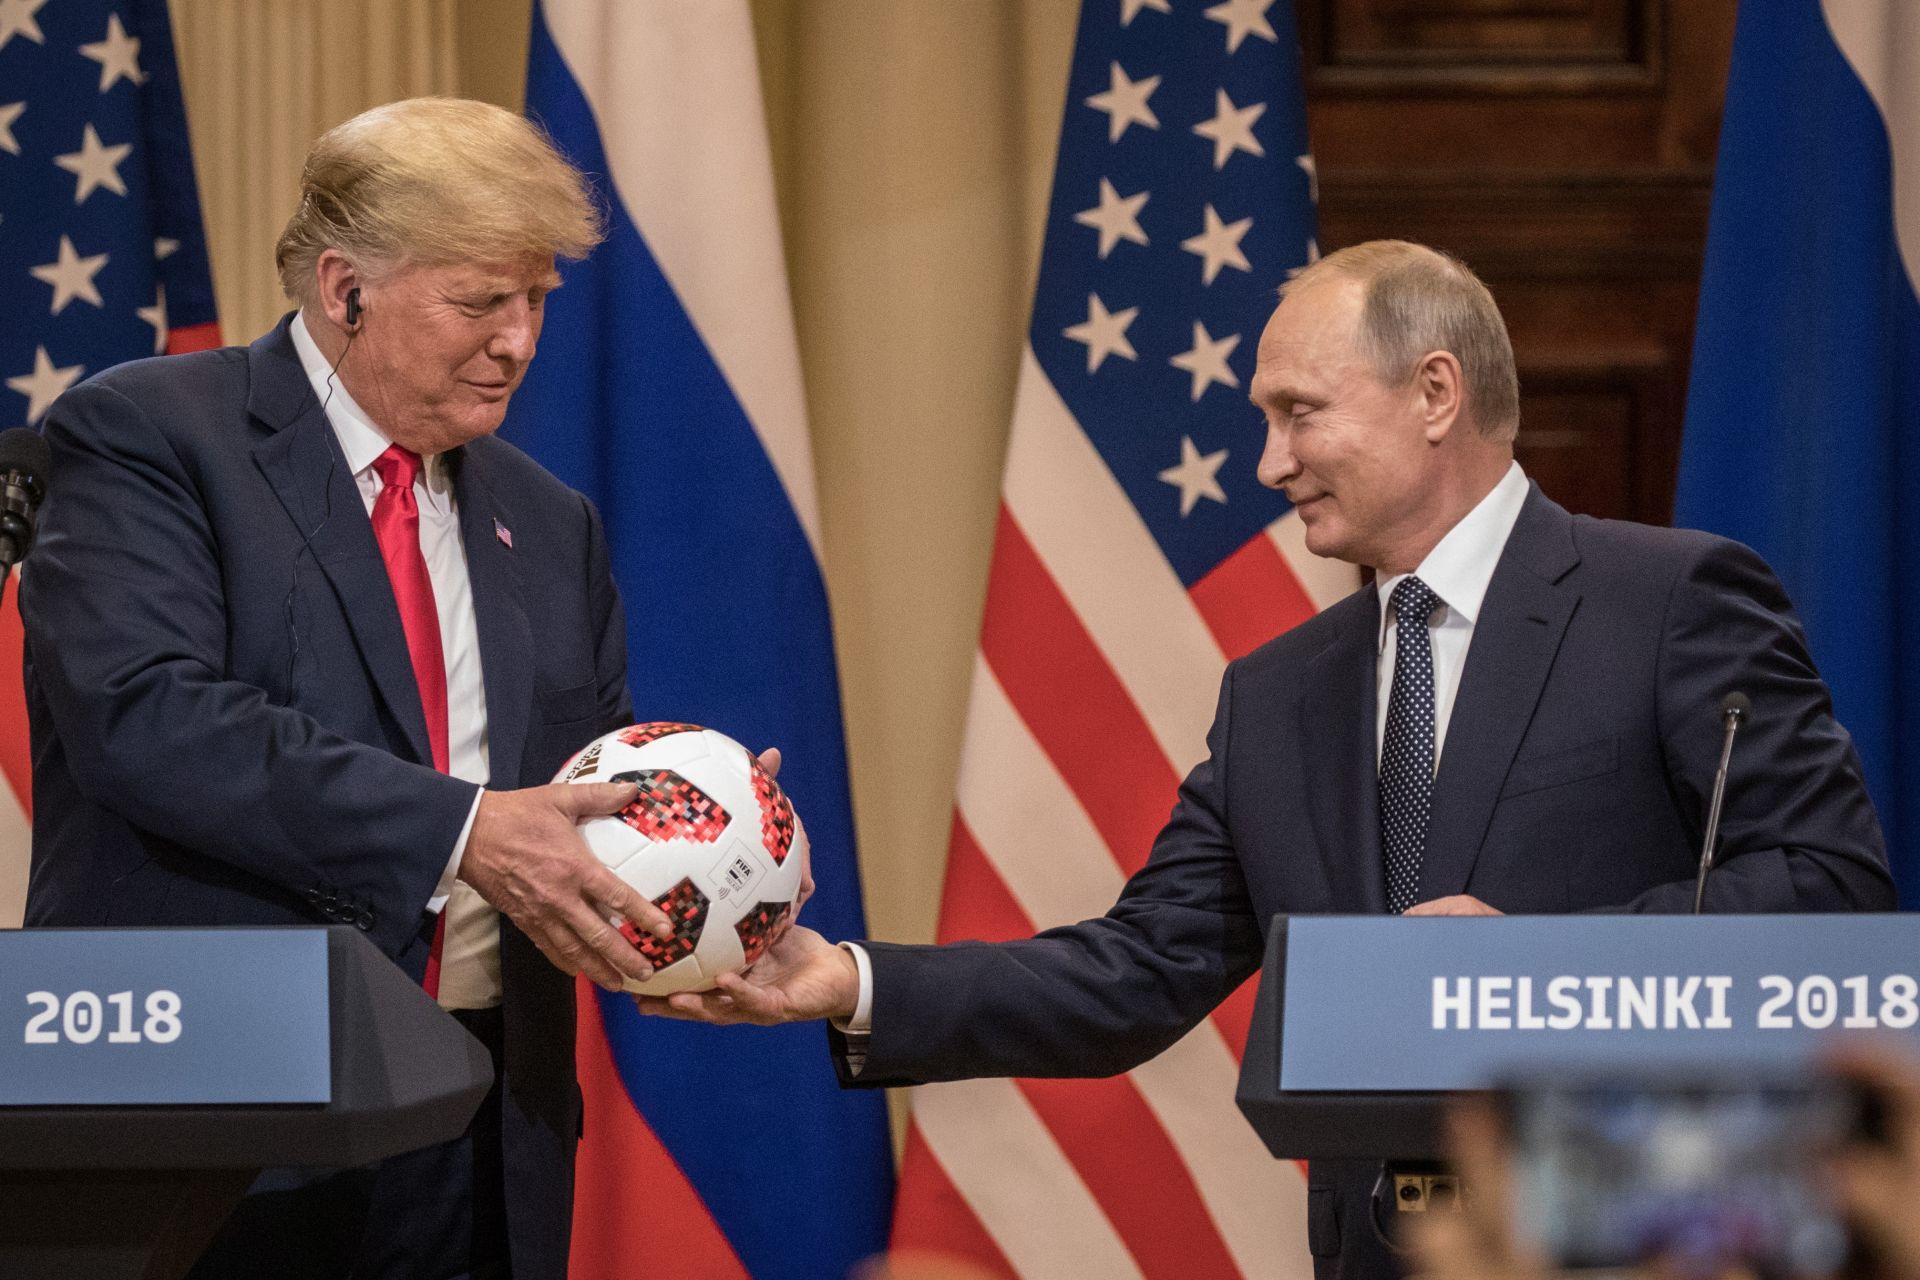 Владимир Путин подари футболна топка на Тръмп след срещата им в Хелзинки